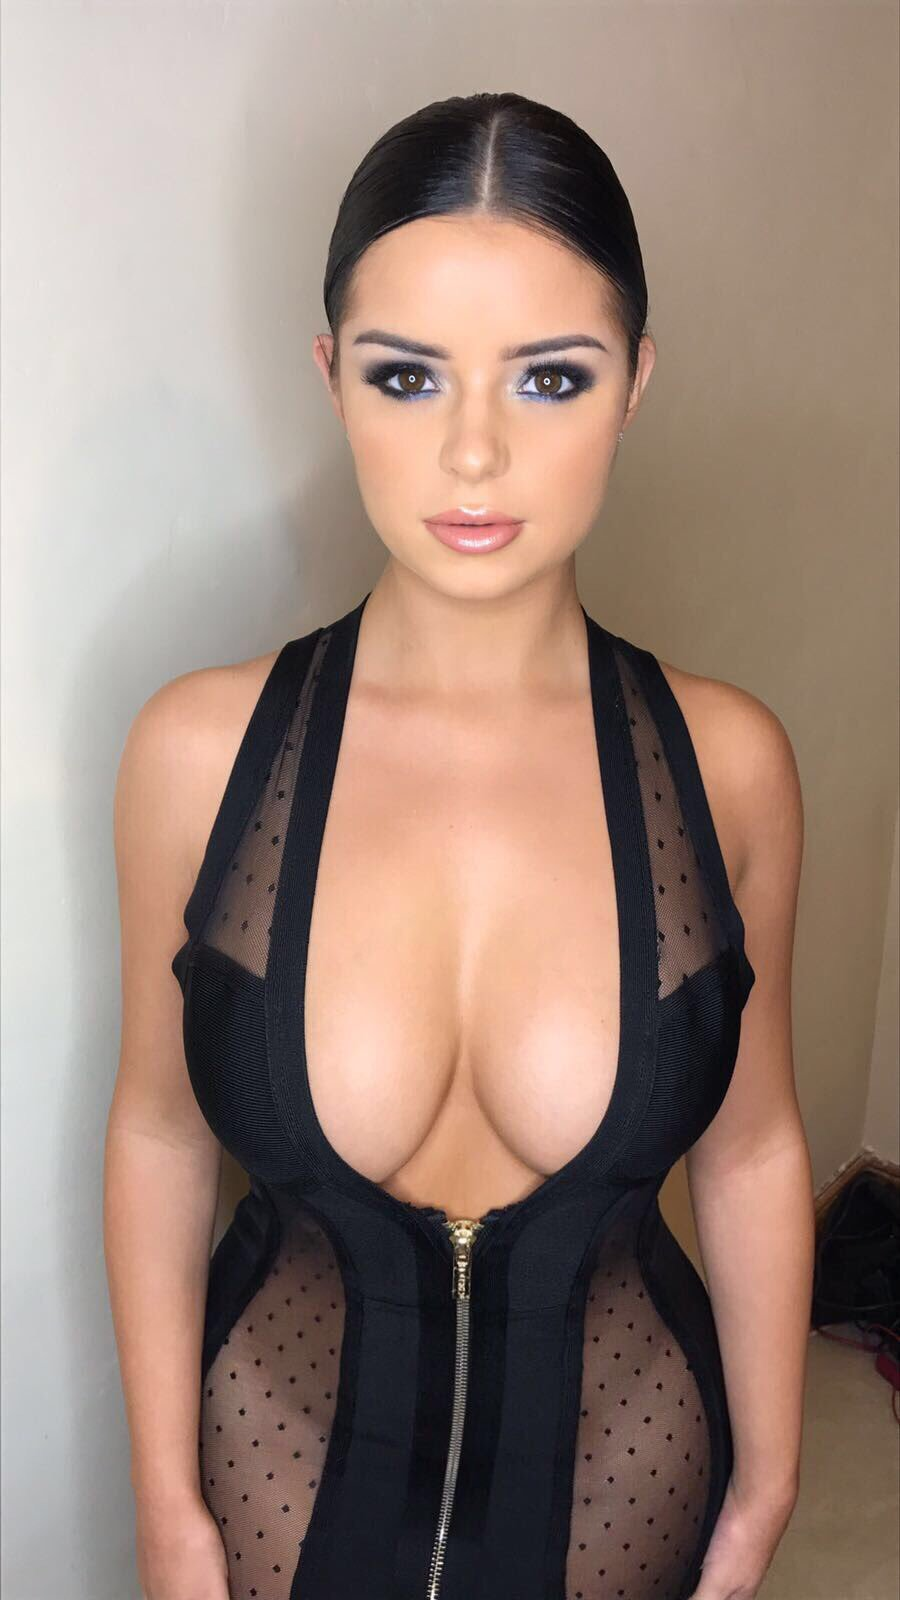 Деми Роуз - Самые горячие фото британской модели 1